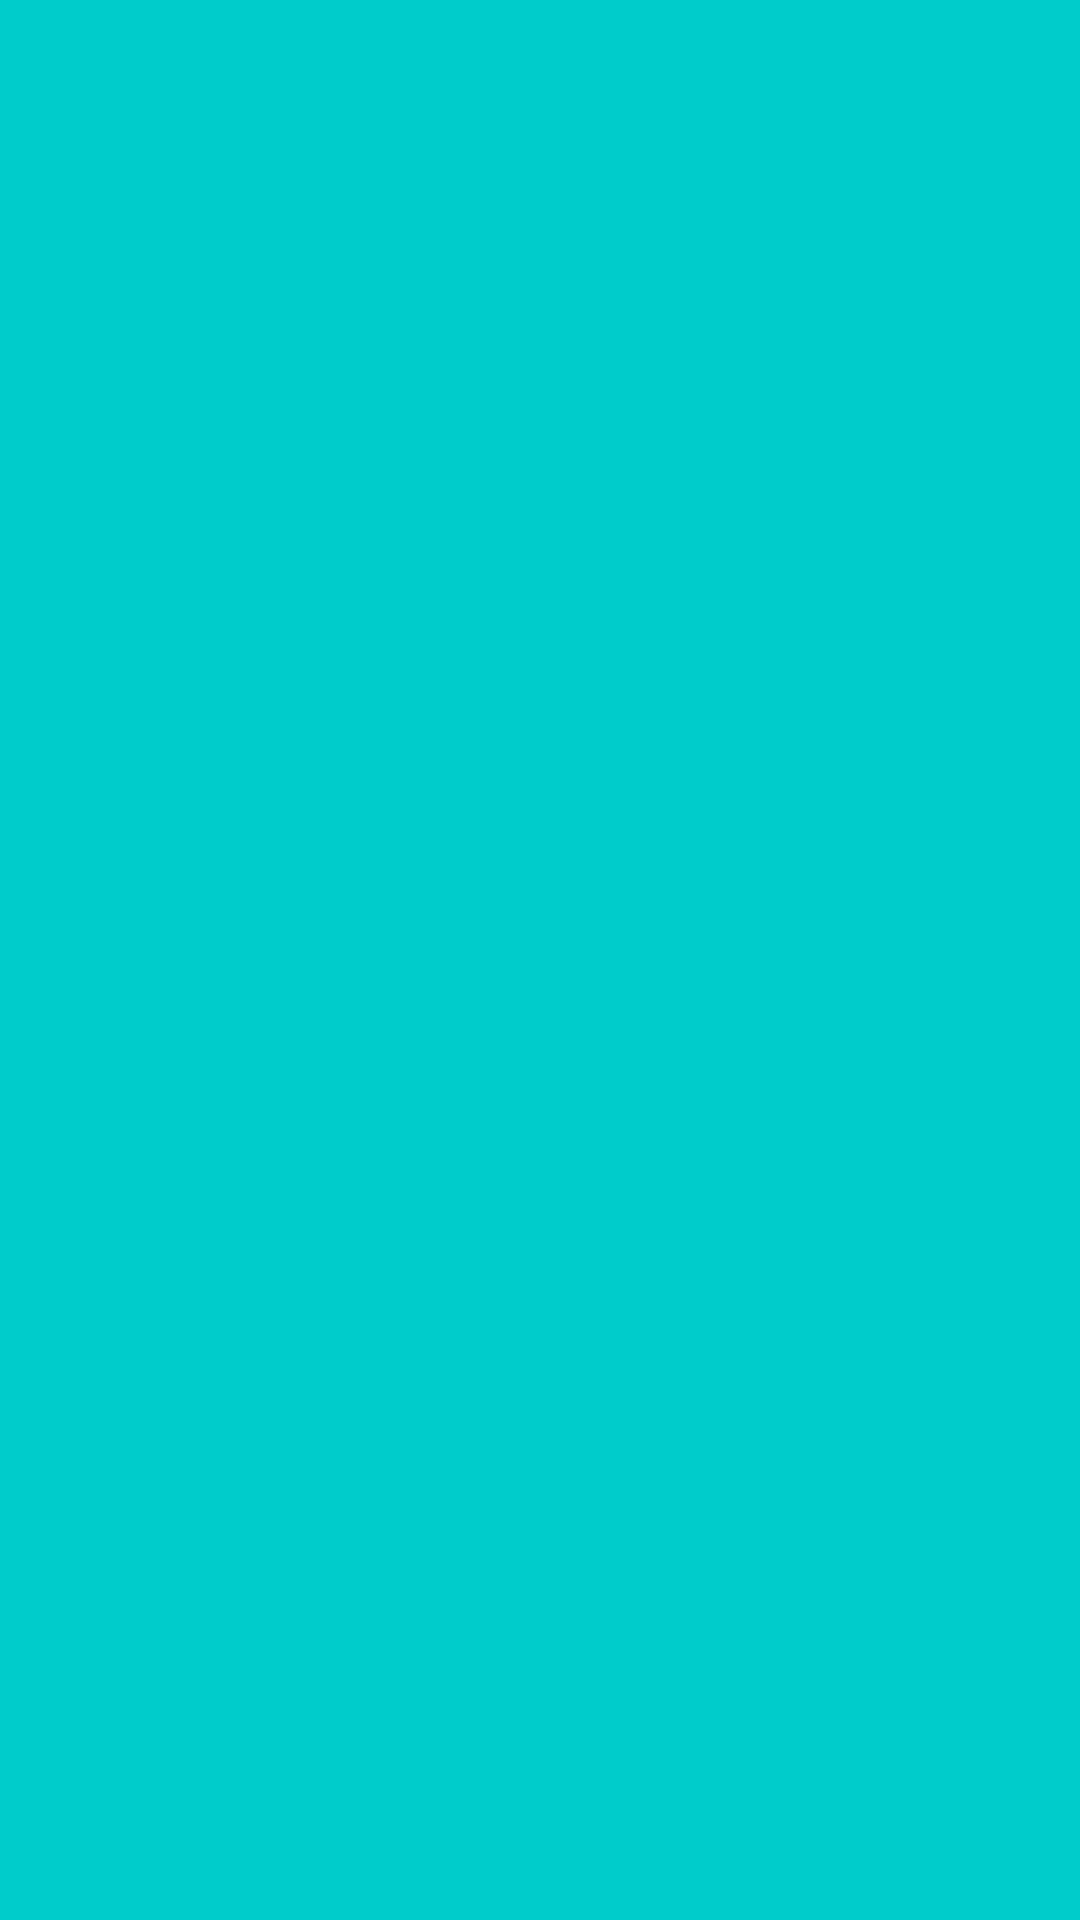 1080x1920 Robin Egg Blue Solid Color Background